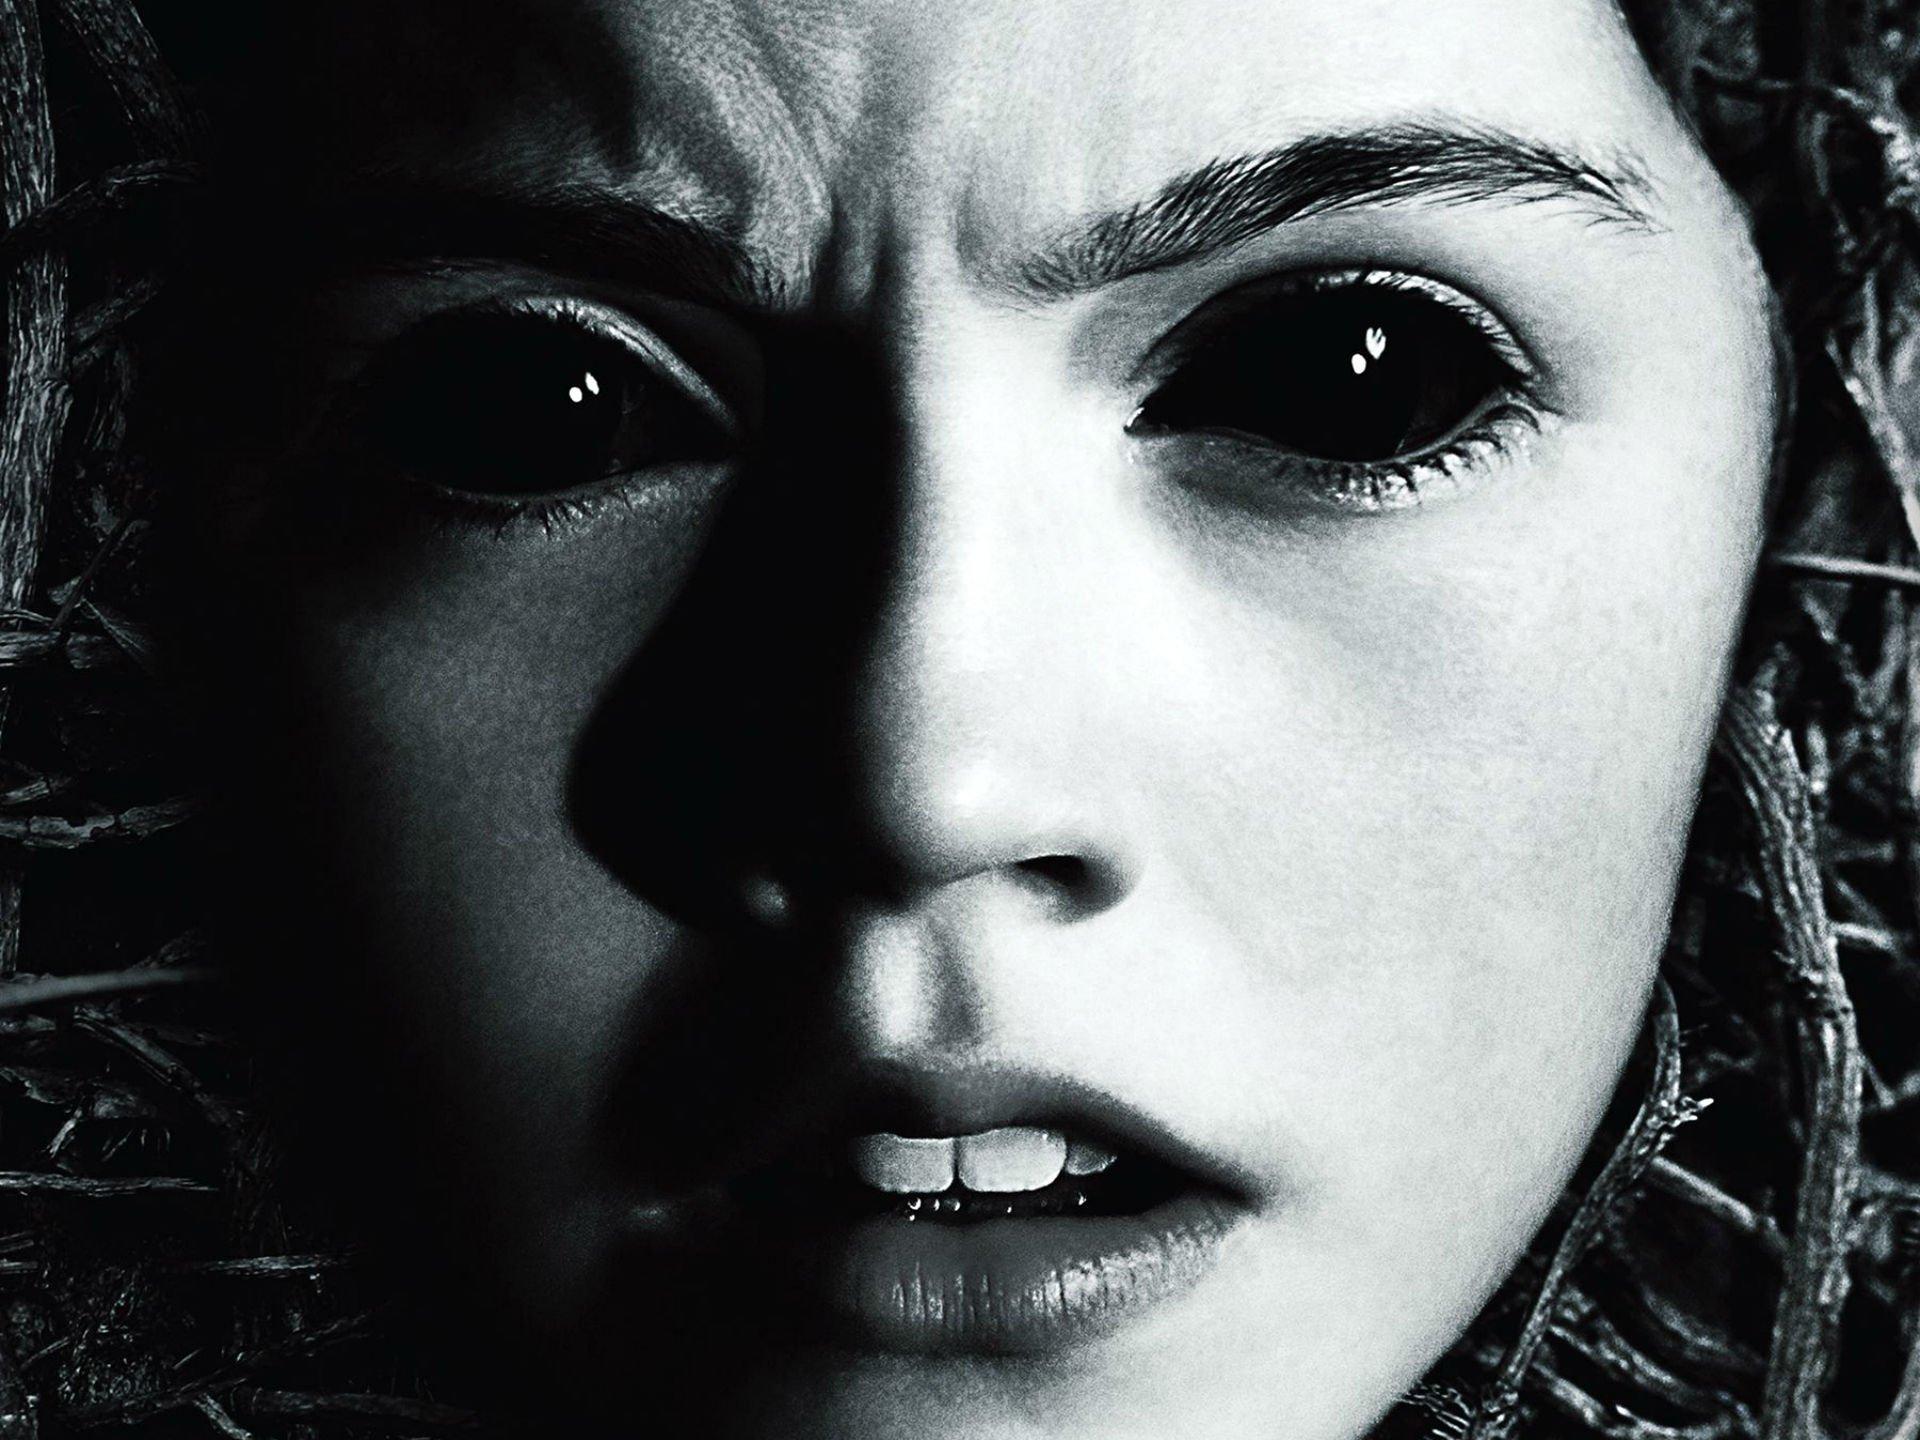 DARK TOUCH horror dark supernatural demon gothic wallpaper ...